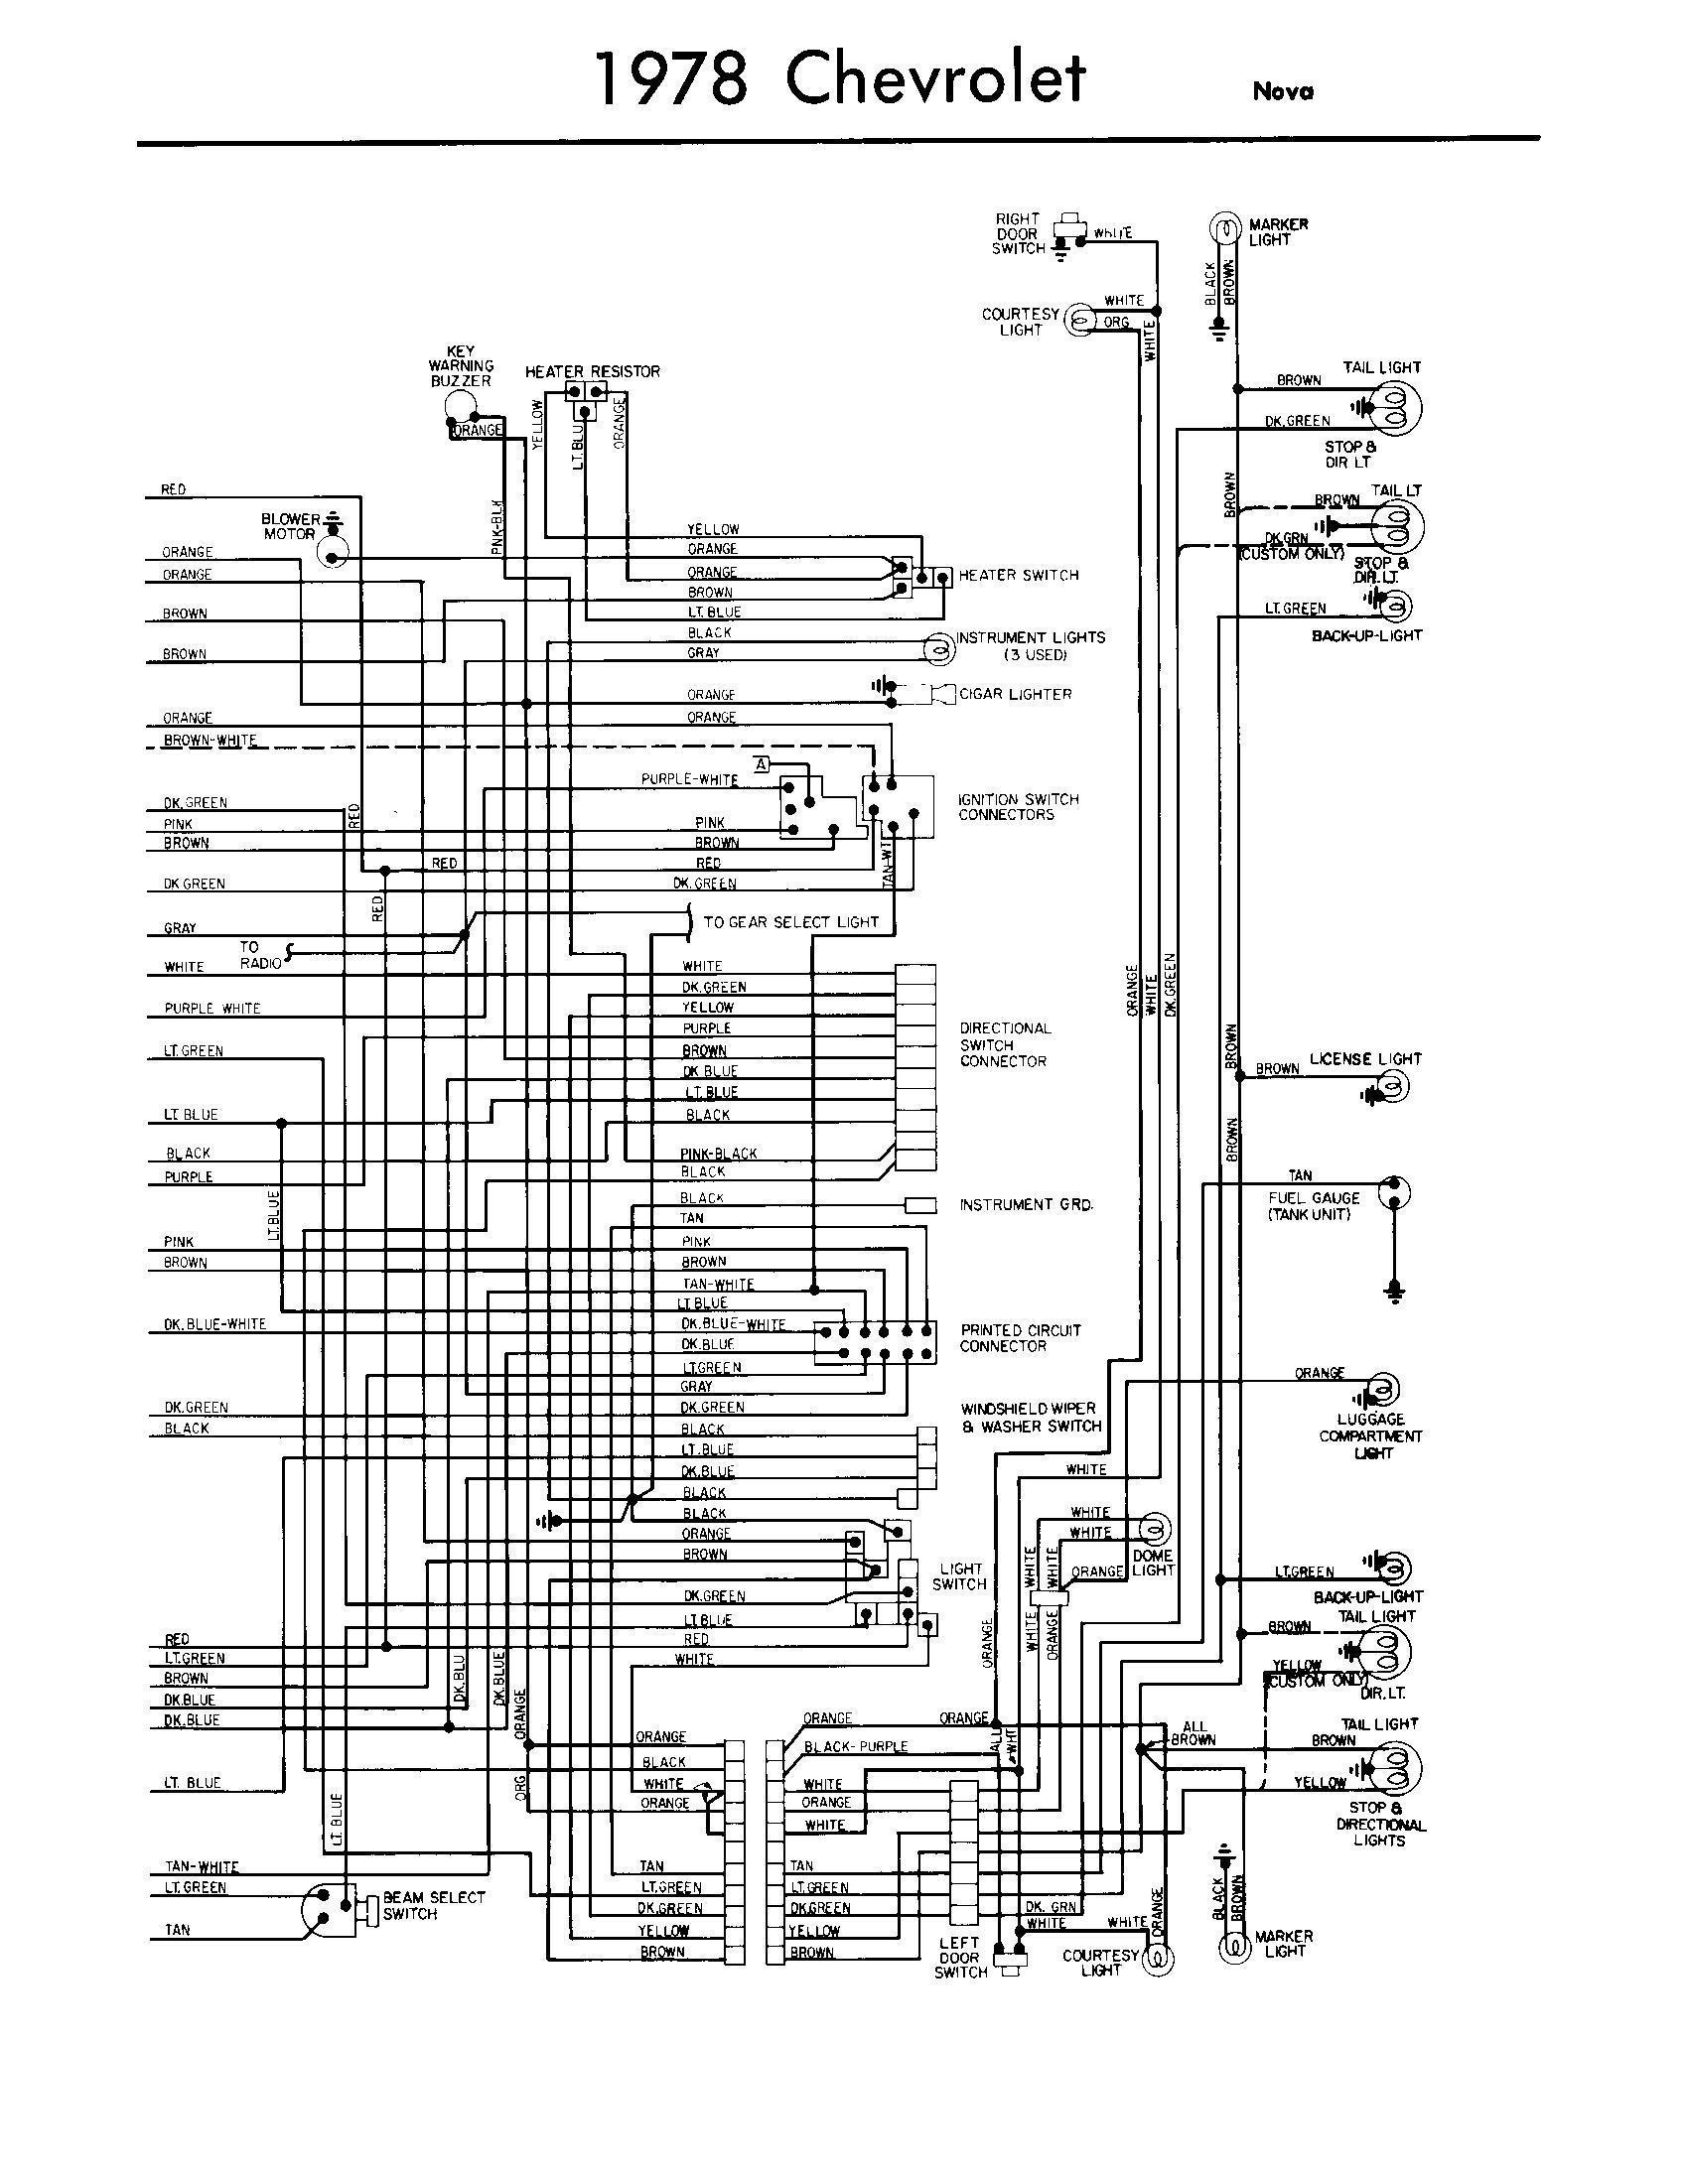 79 chevy fuse box ea 7329  79 chevy luv fuse box cover wiring diagram  79 chevy luv fuse box cover wiring diagram